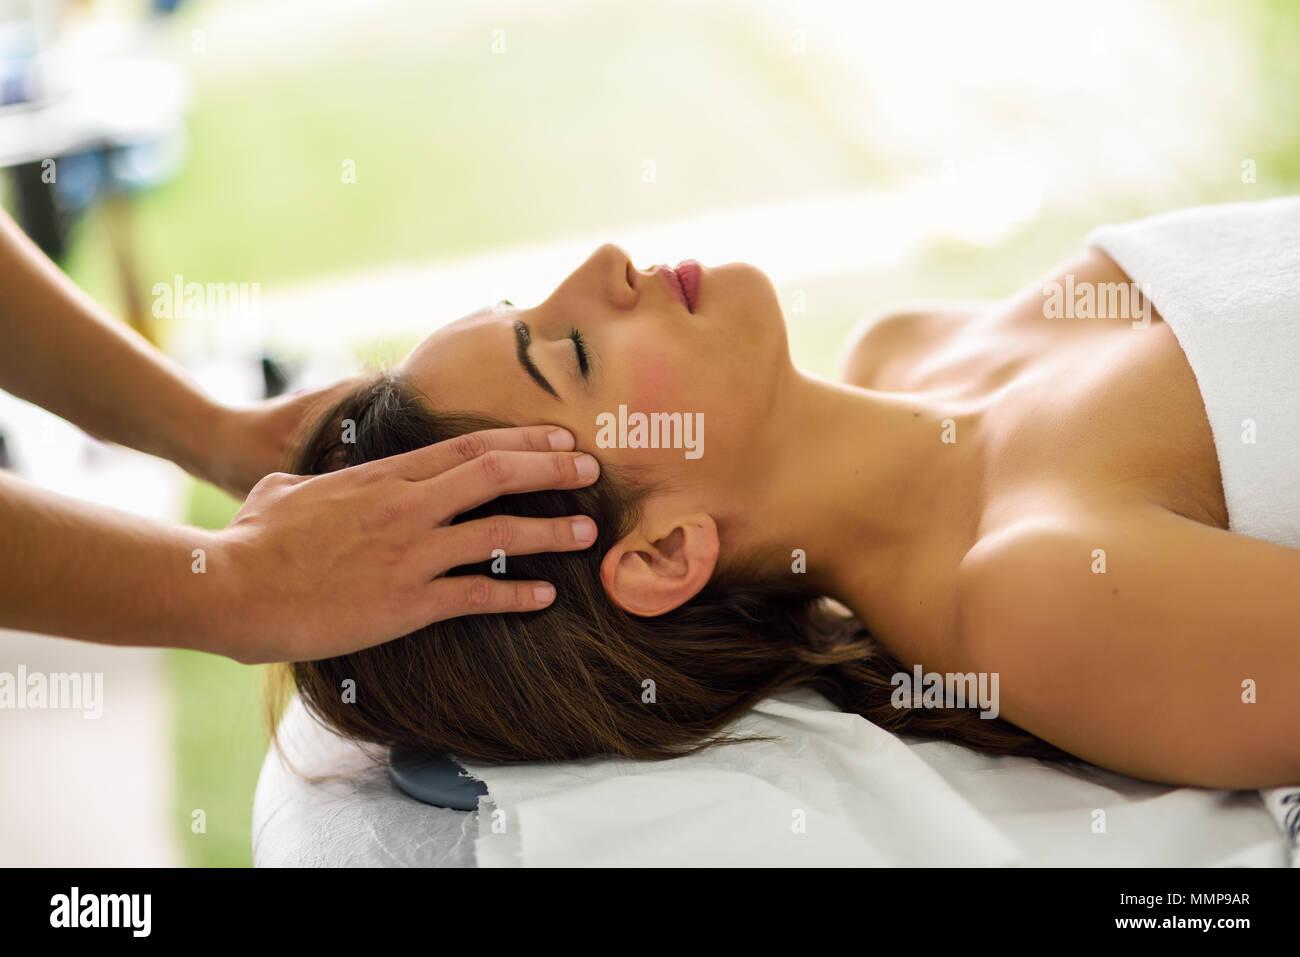 Junge kaukasier lächelnde Frau mit einem Kopf Massage im Spa Center mit geschlossenen Augen. Weibliche Patienten ist, die Behandlung von professionellen therapi Stockbild